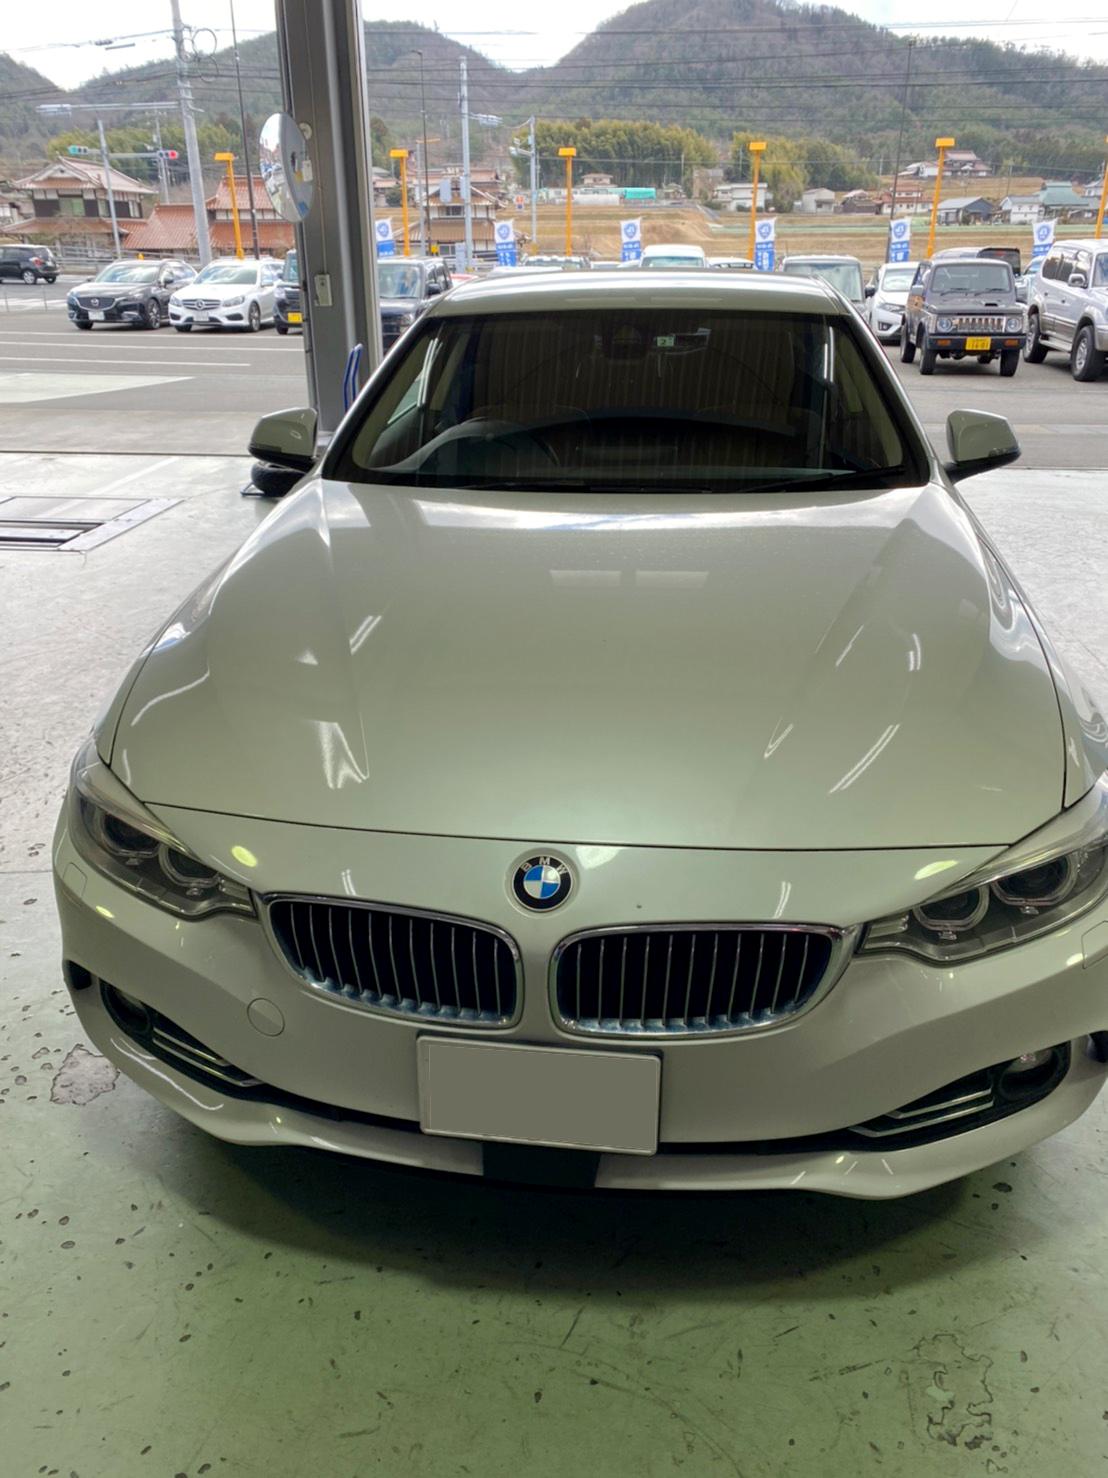 H26 BMW 4シリーズ 420iクーペスポーツ 1年点検